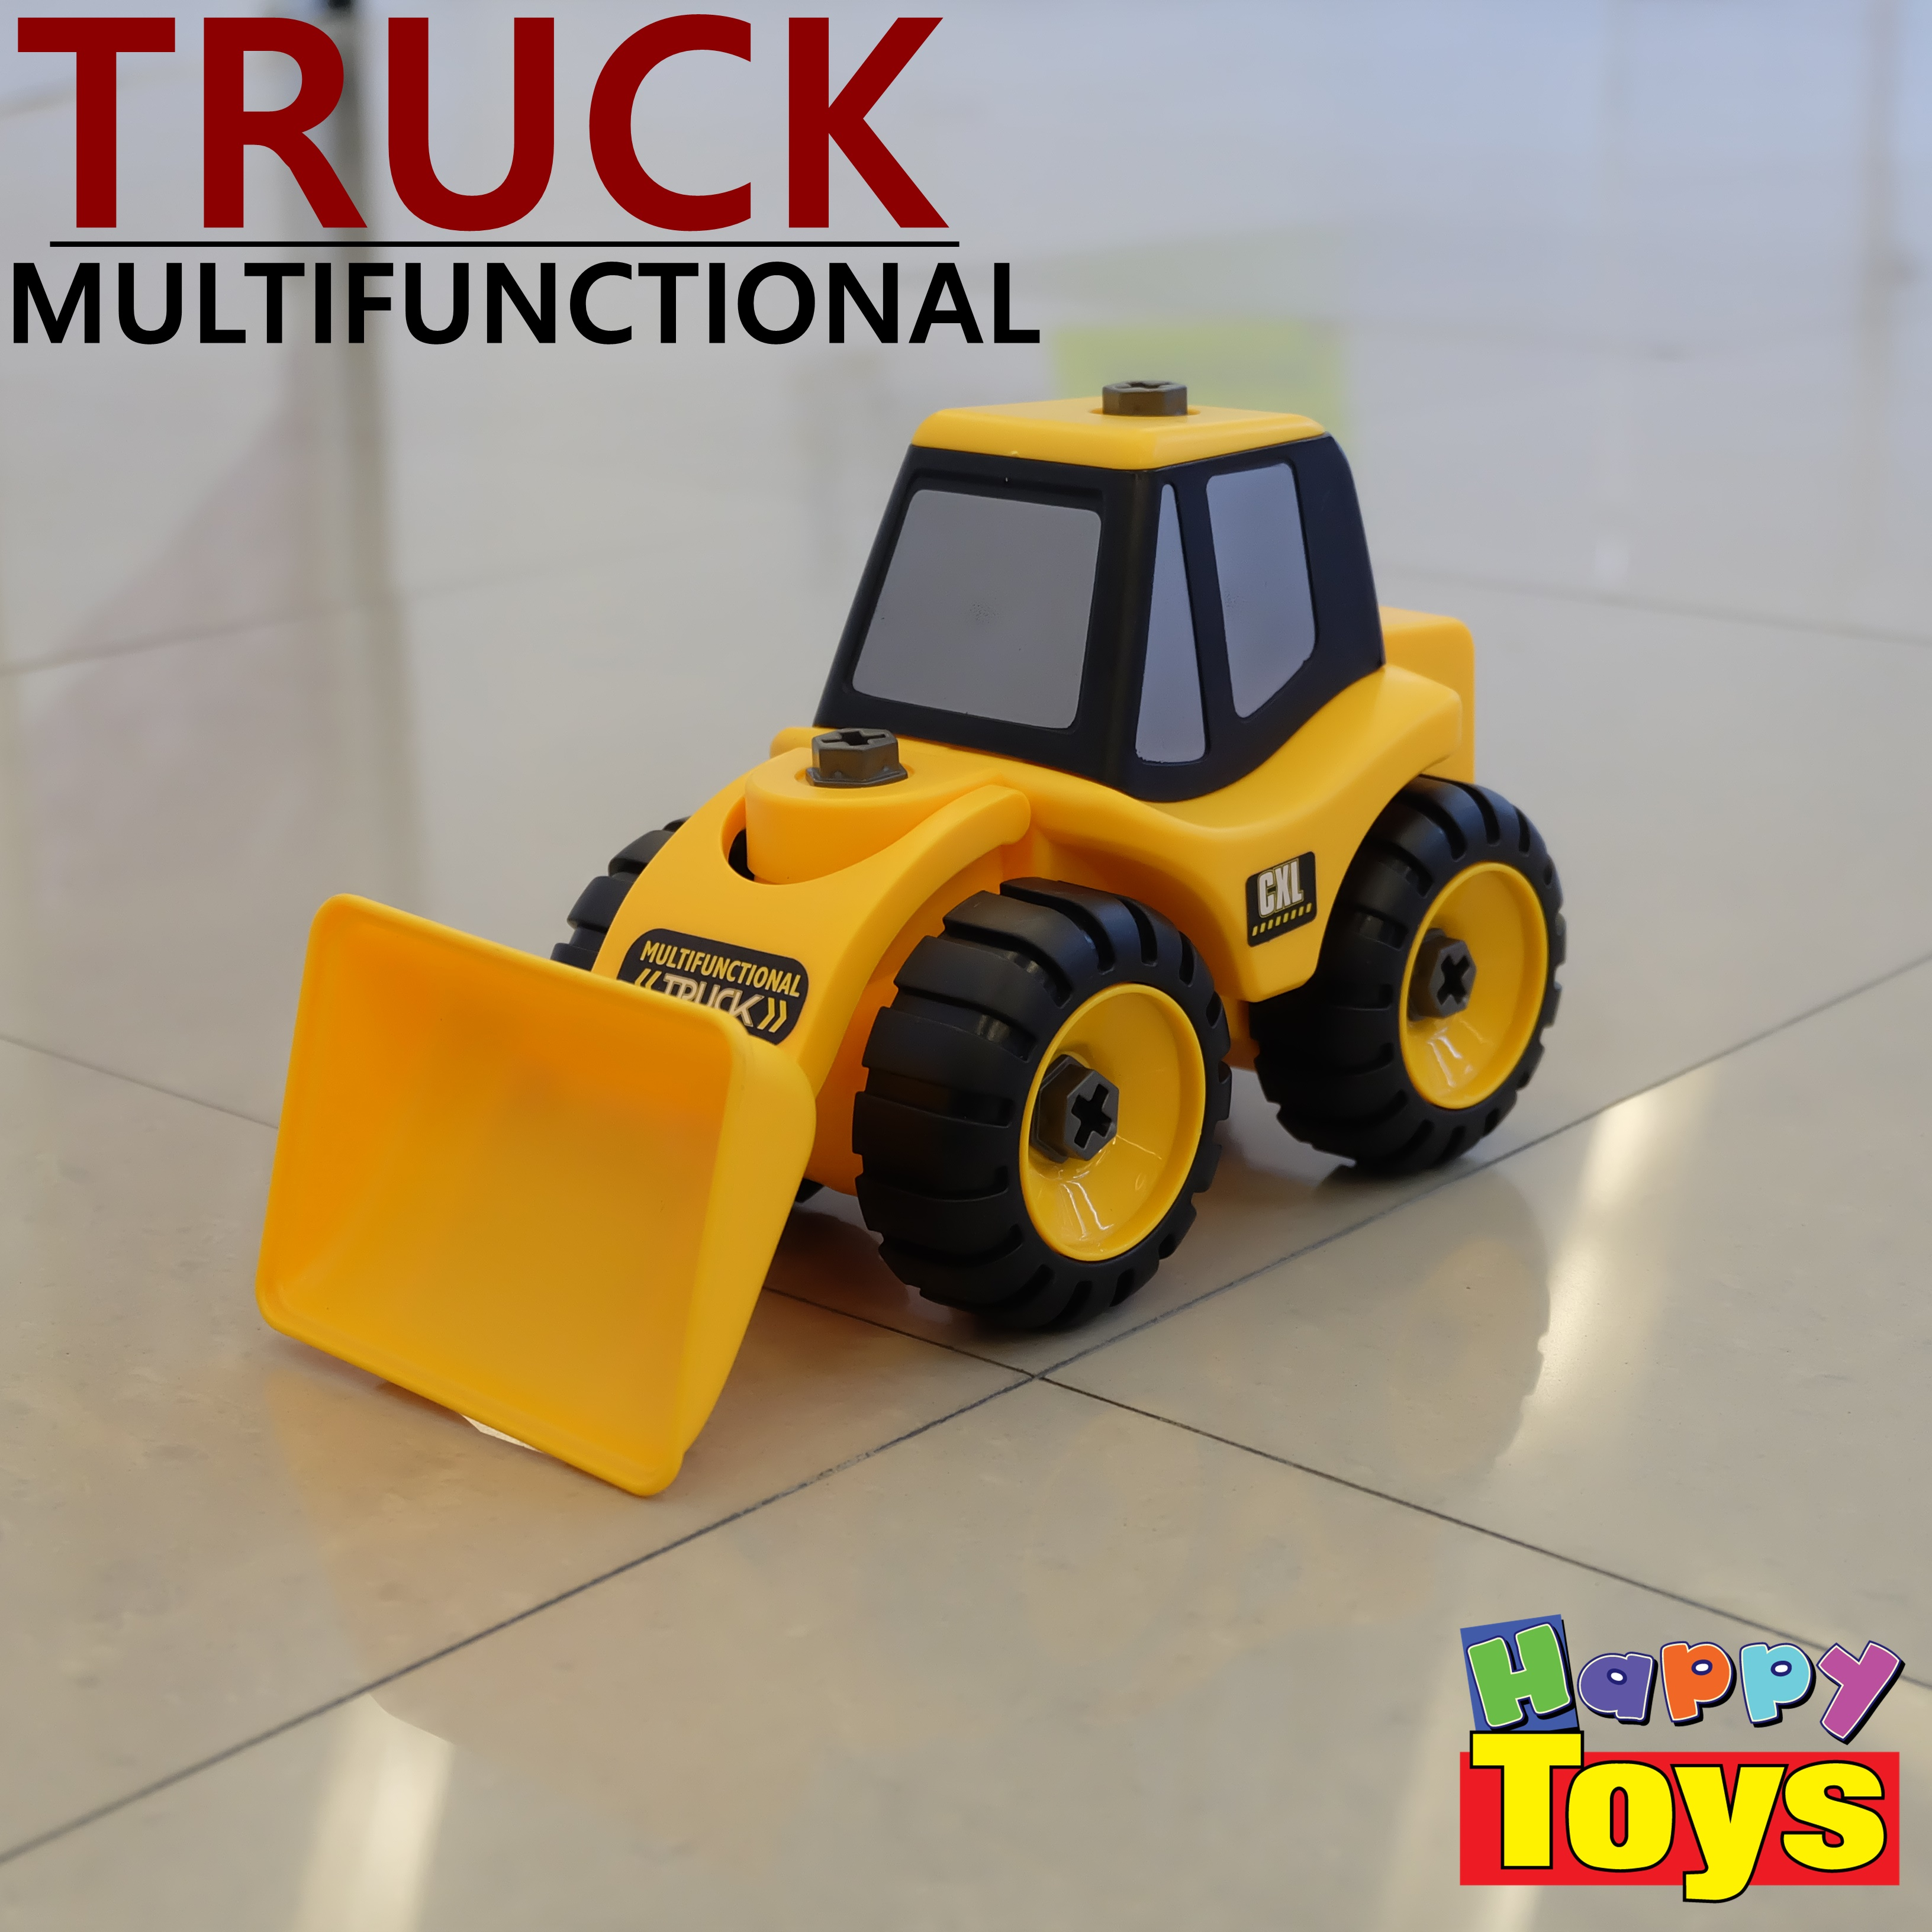 รถก่อสร้าง TRUCK รถของเล่นสำหรับเด็ก รถของเล่นฝึกพัฒนาการ